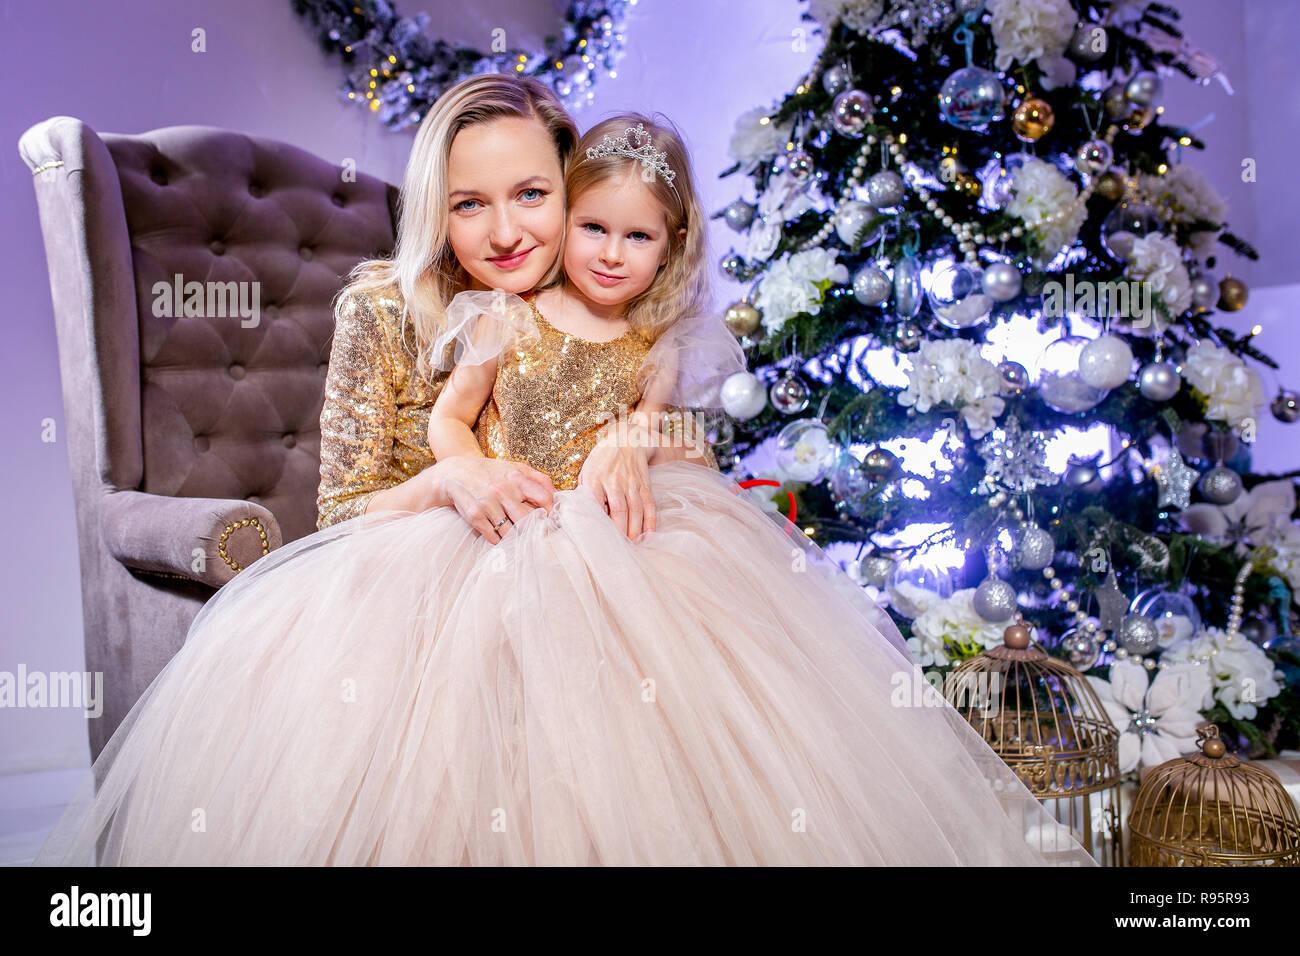 1348092a0ee3a Famille heureuse mère et fille en robe de luxe près de l'arbre de Noël. Air  de famille. Bonne Année et thème de Noël. Ambiance de fête.